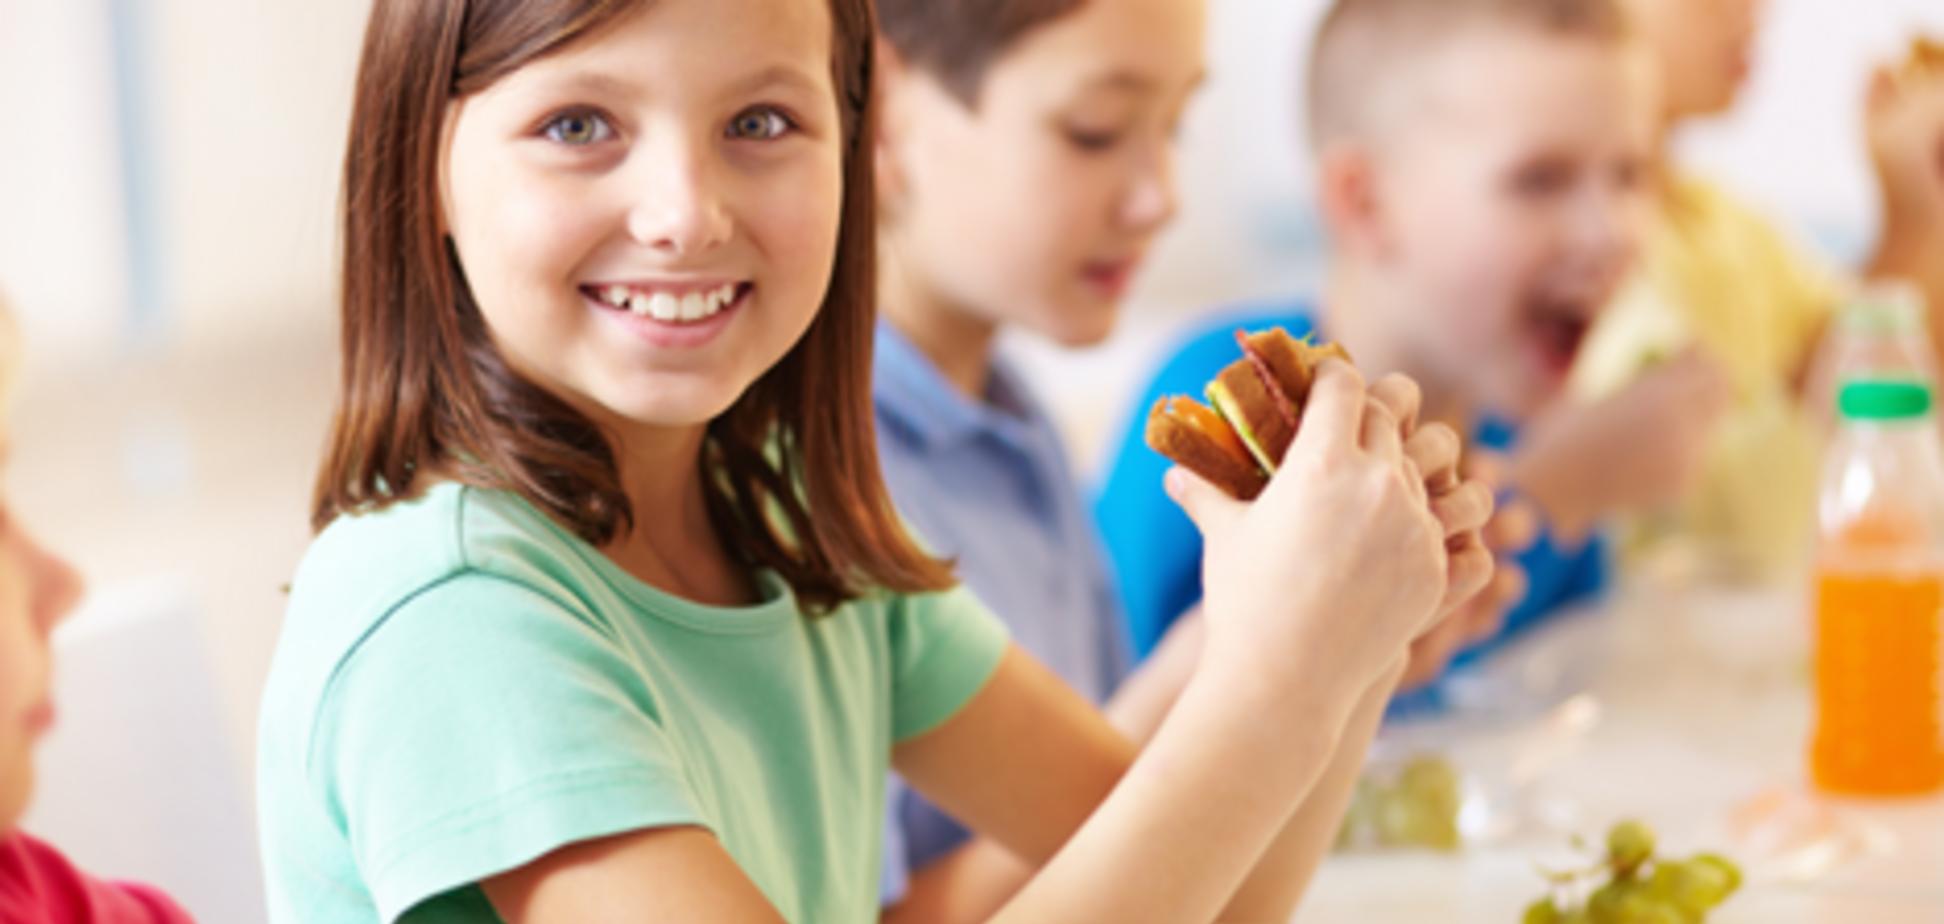 Опубликован сборник нового школьного питания, что дальше?